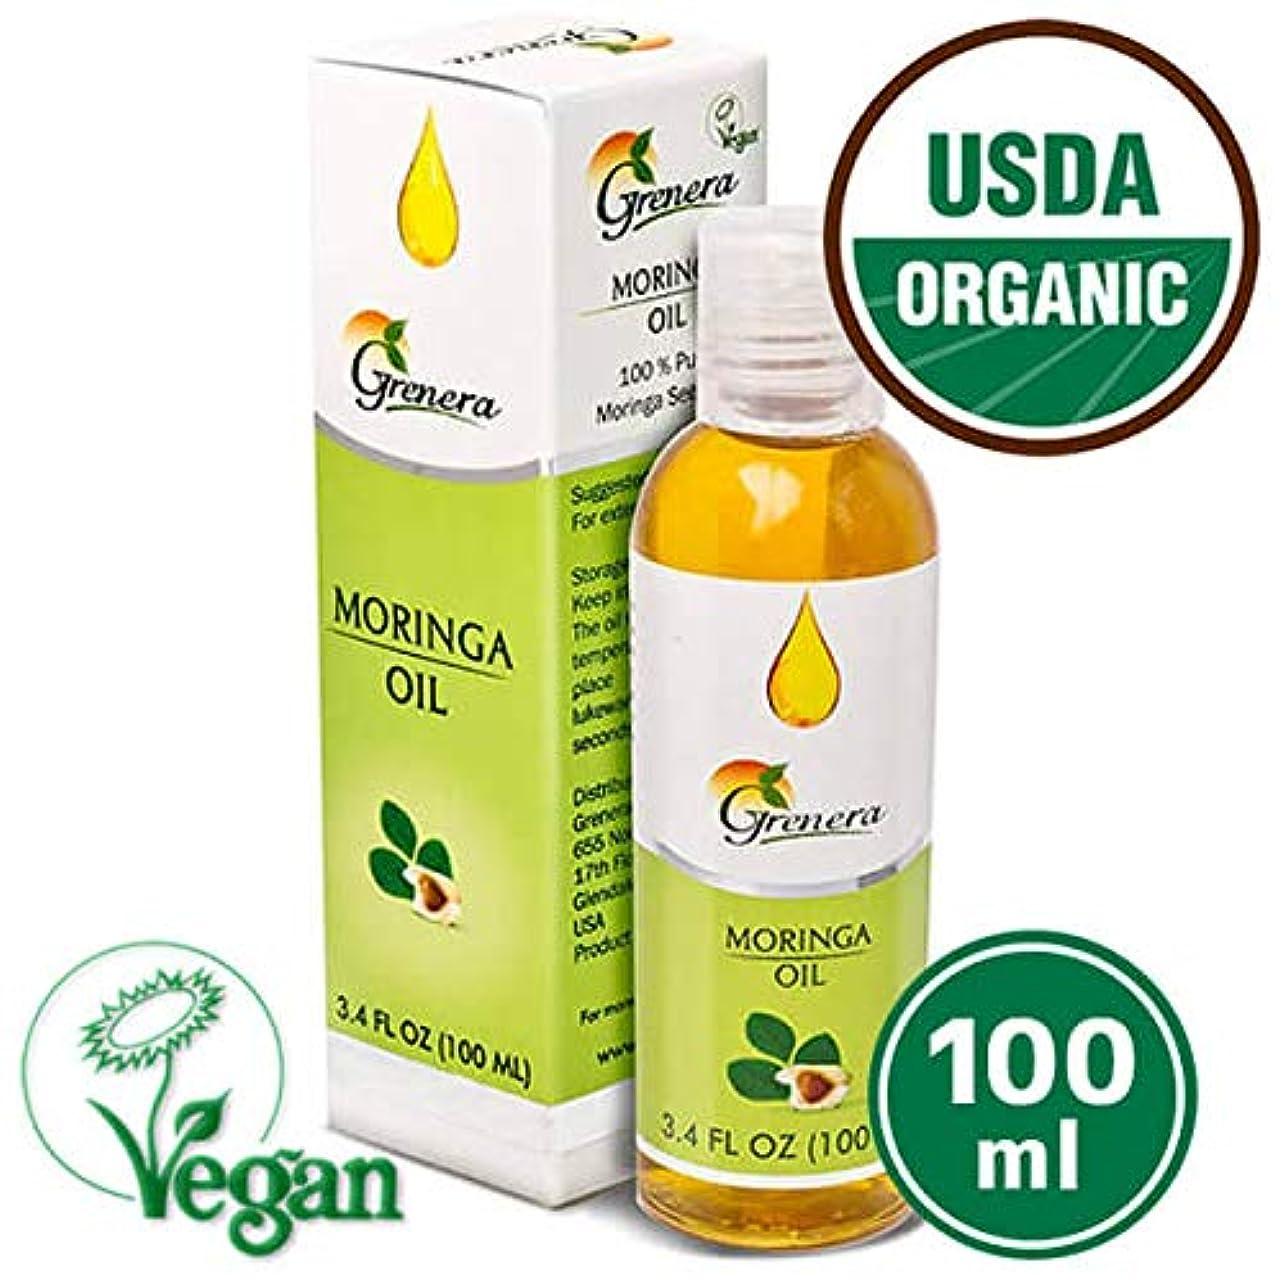 画像スケルトン間違いなくgrenera 最高品質 オーガニック モリンガオイル 100% 100ml USDA認証 無希釈 コールドプレス 化学溶剤不使用